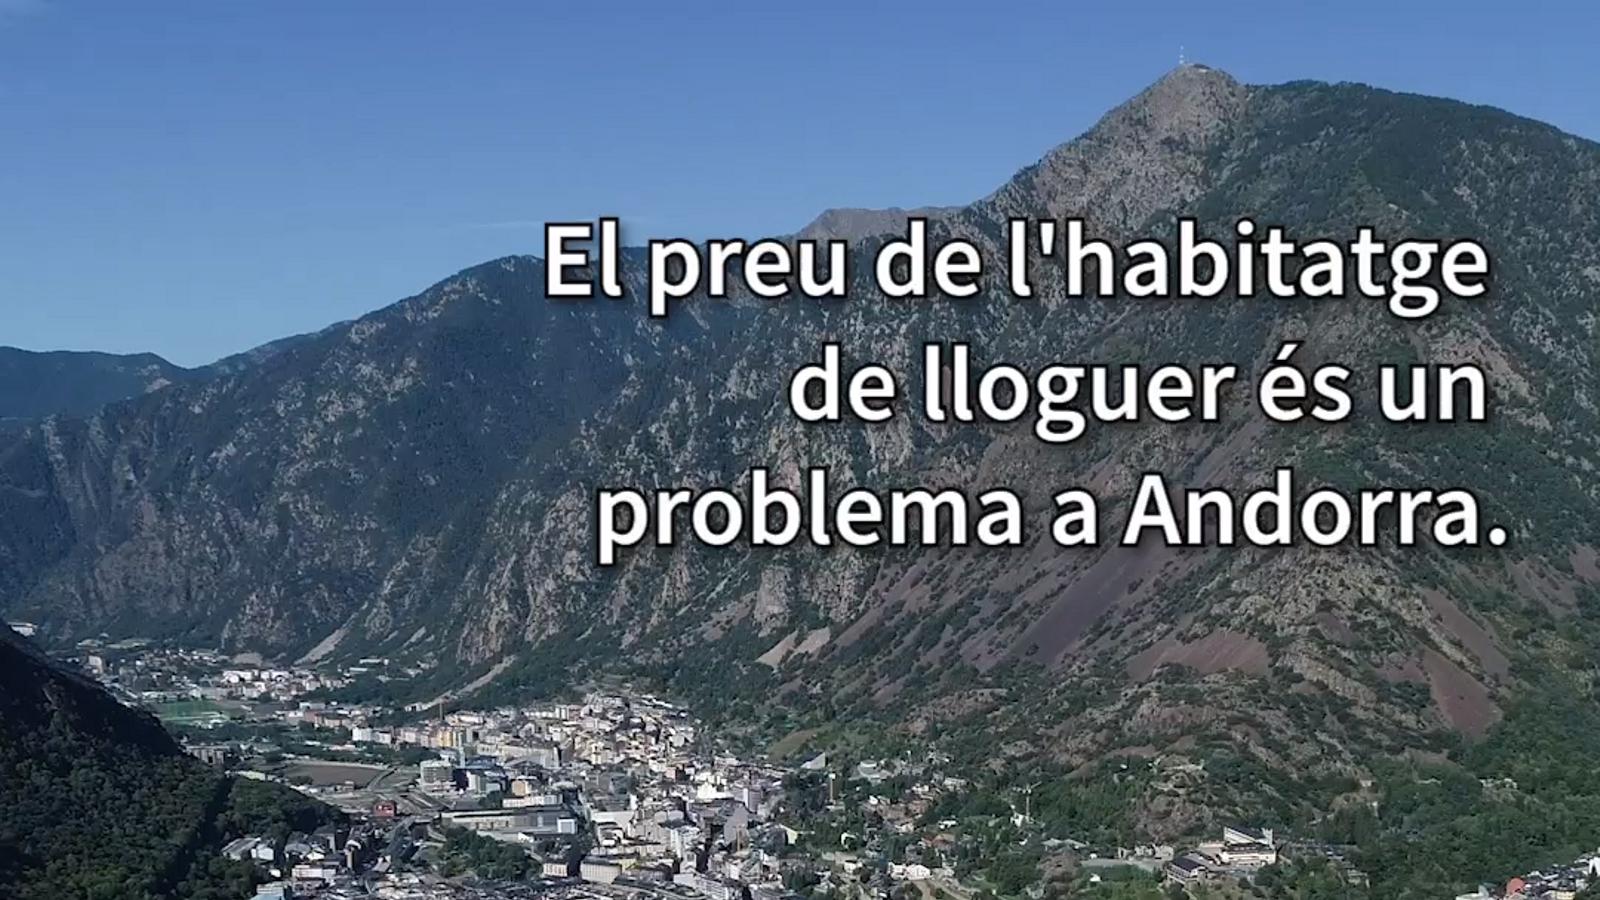 S'analitza el problema de l'habitatge a Escaldes